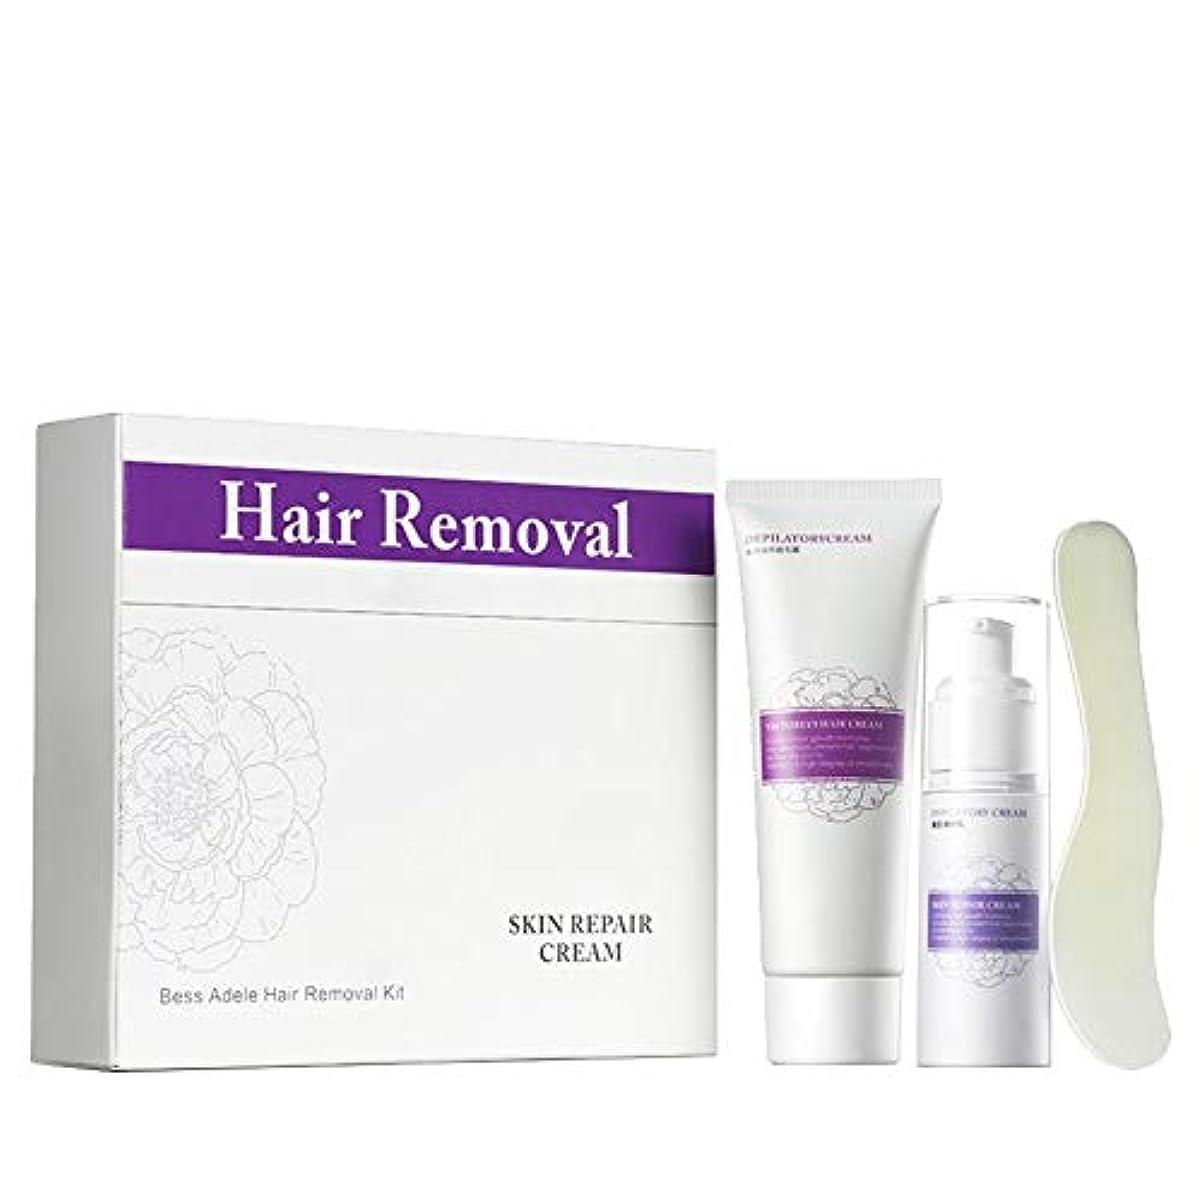 チーフ物足りない調べる除毛クリーム 修復用ミルクスクレーパー優しい脱毛は肌を傷つけません、ファースト&シンプル、肌の潤いを和らげ、保ちます